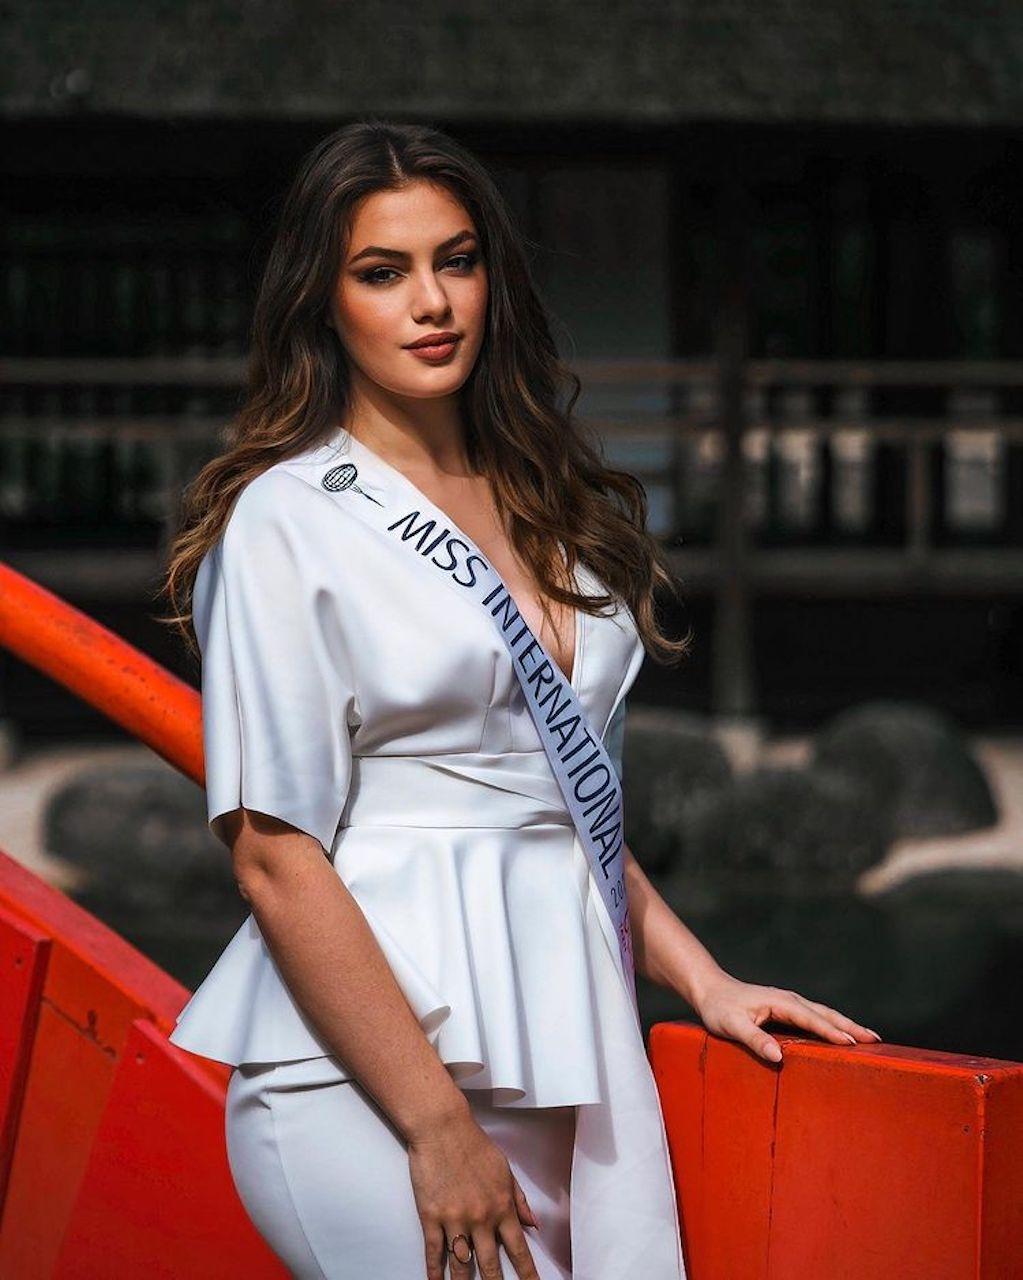 Nhan sắc quyến rũ của tân Hoa hậu Quốc tế Pháp - ảnh 4